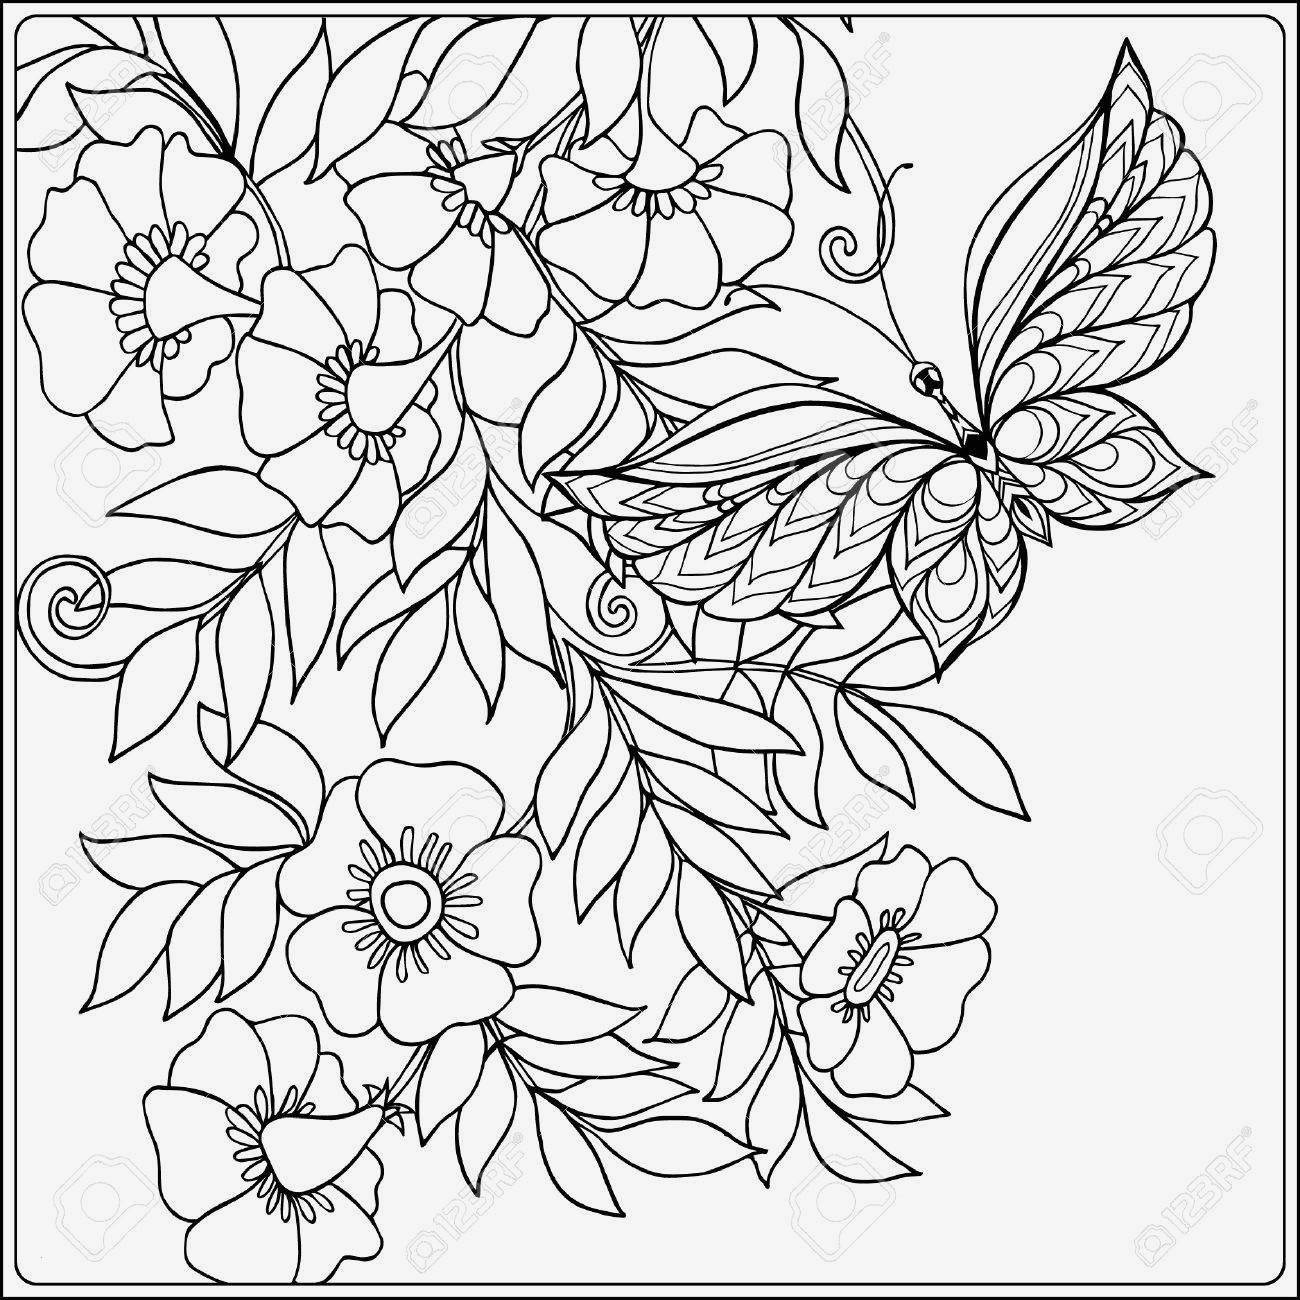 Einhorn Mandala Erwachsene Frisch Ausmalbilder Mandala Erwachsene Spannende Coloring Bilder Das Bild